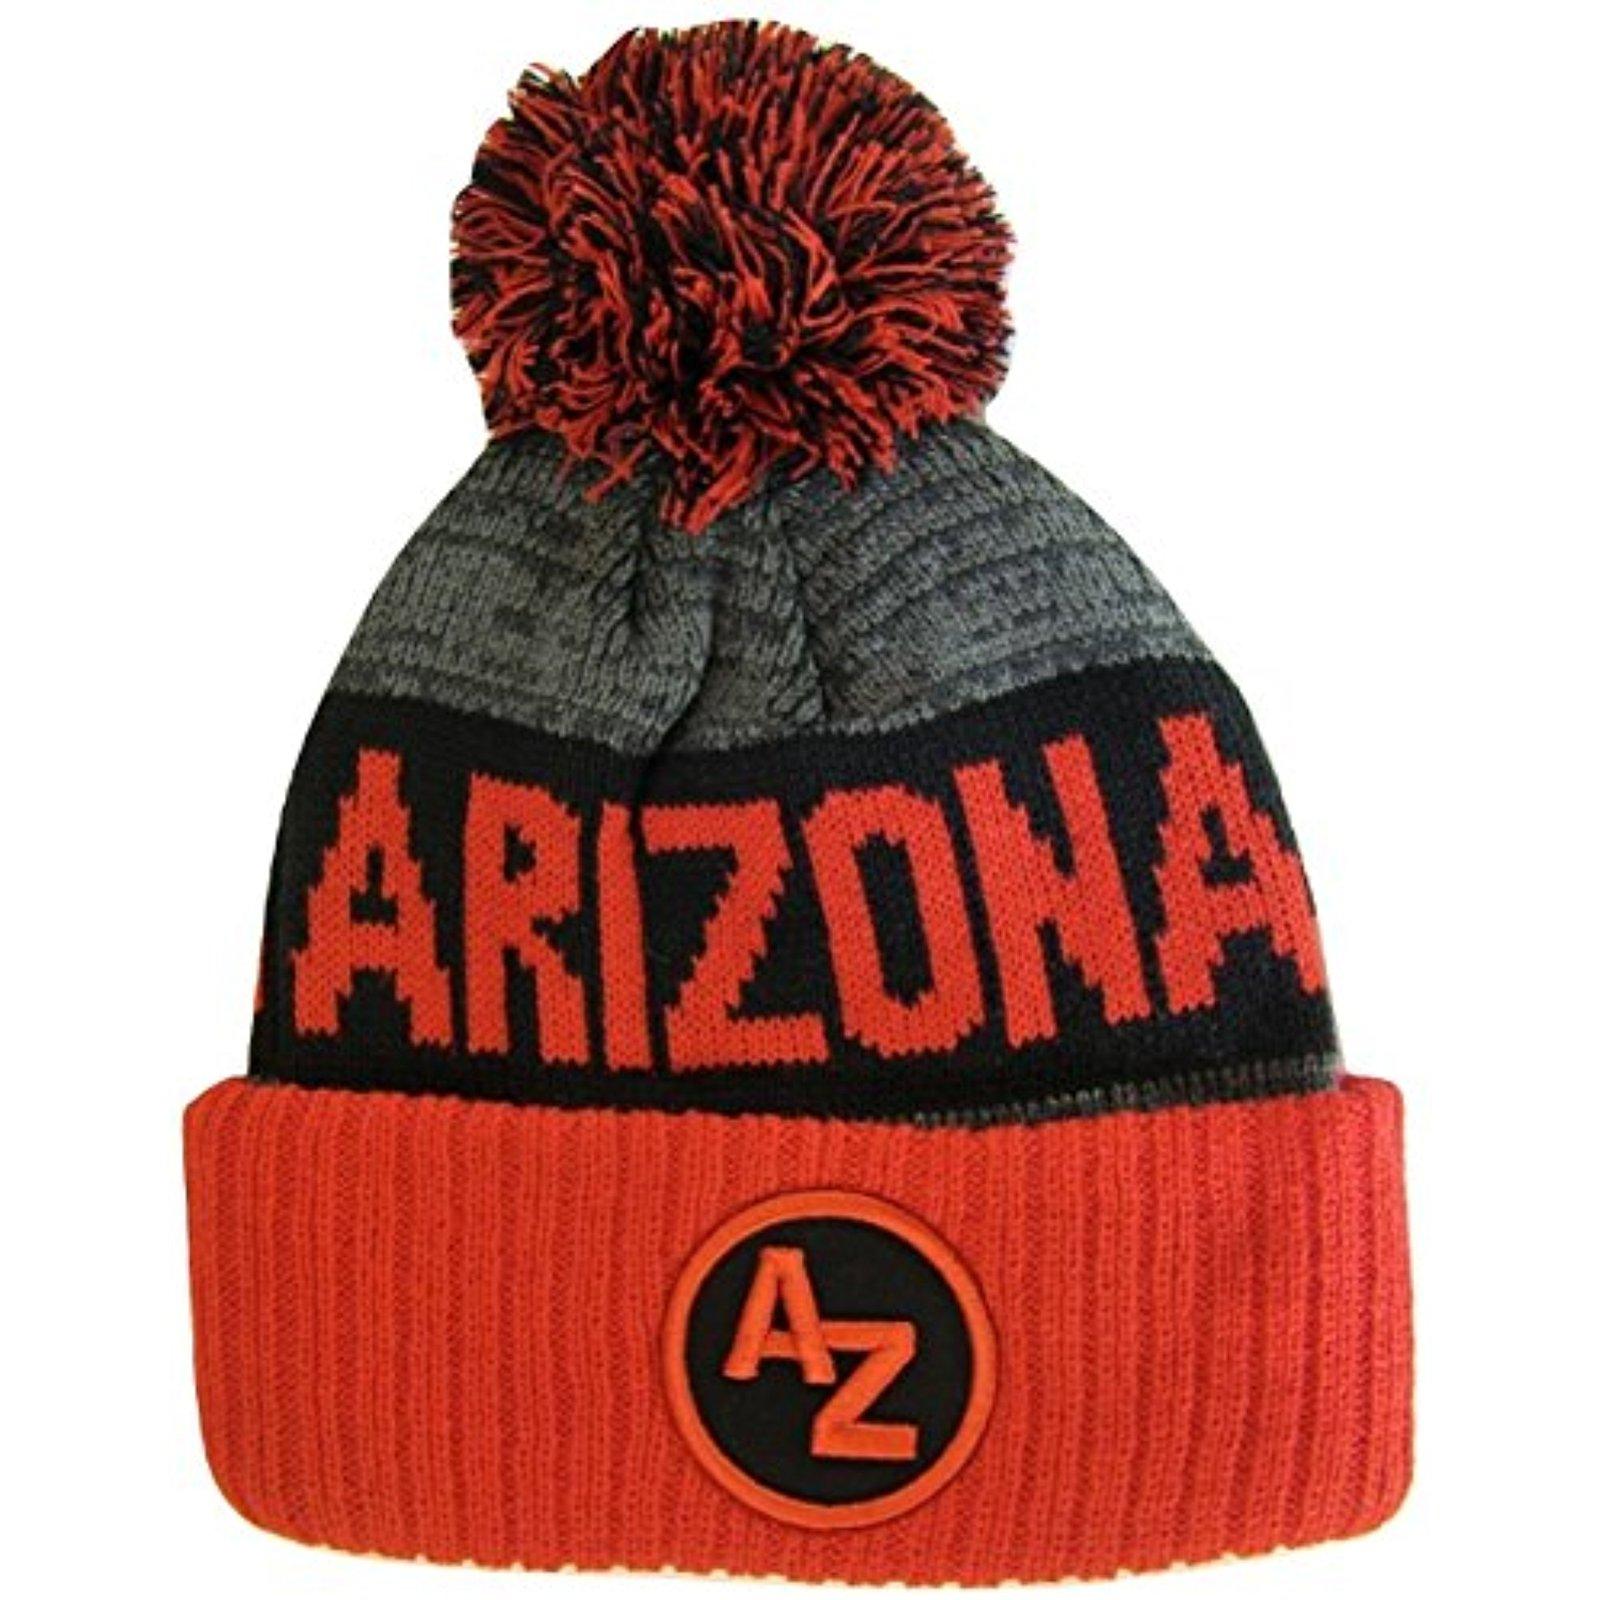 Arizona AZ Patch Ribbed Cuff Knit Winter Hat Pom Beanie (Red/Black Patch)